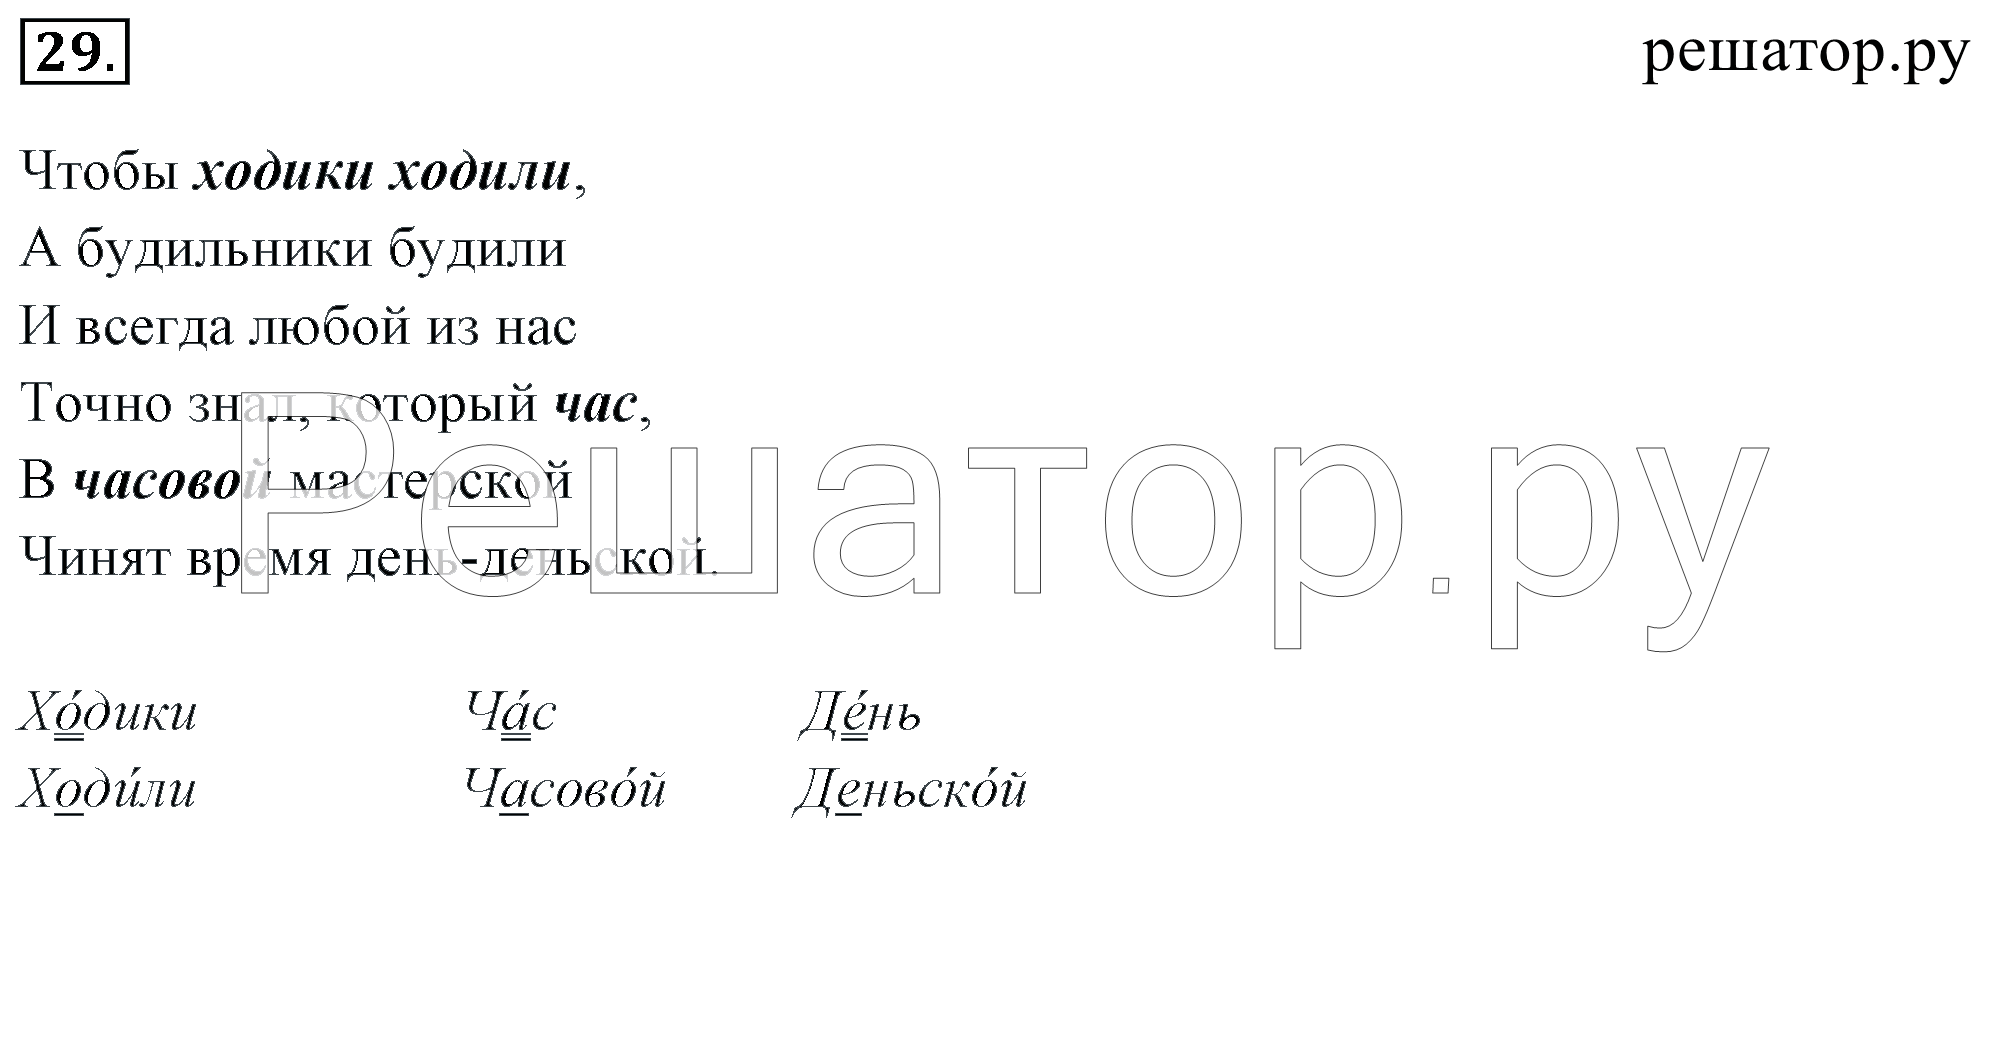 Повторение контрольные вопросы и задания по русскому языку 5 класс